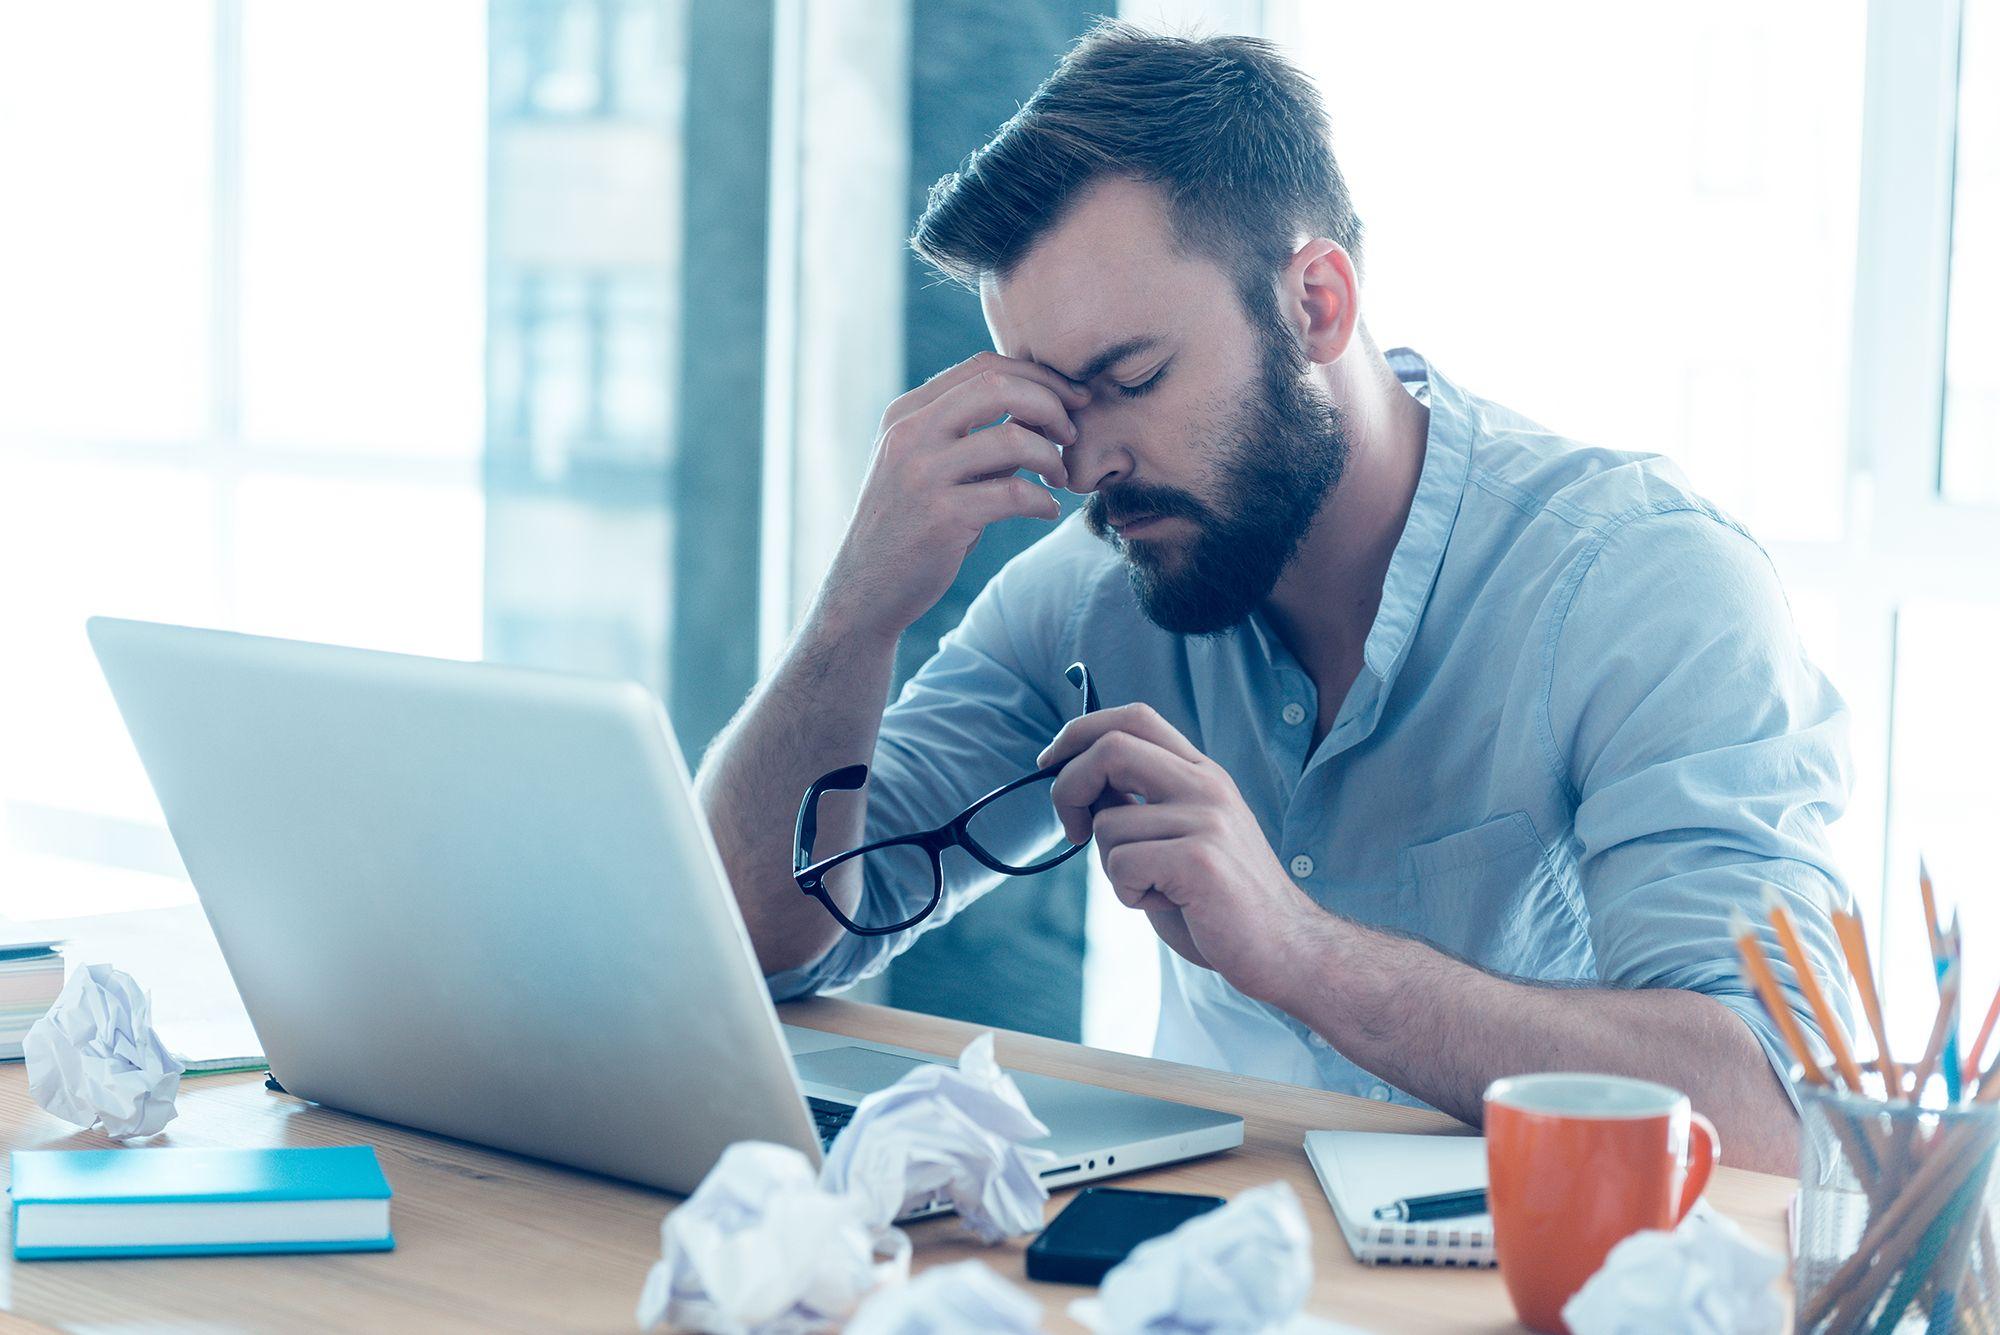 Posledice pomanjkanja spanja so razdražljivost, slabši spomin, slabša pozornost.